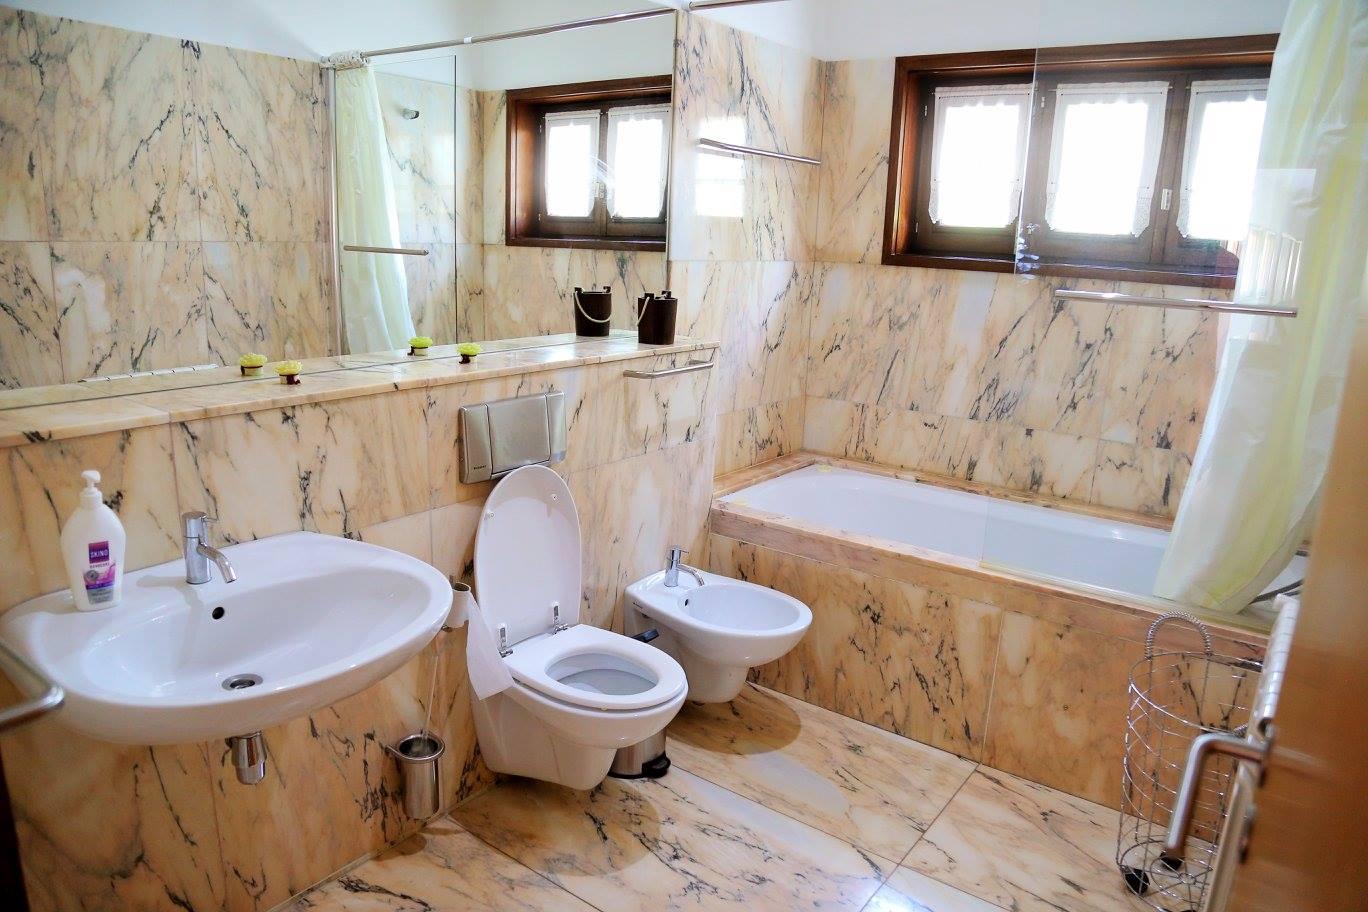 geres alugar quinta taide wc